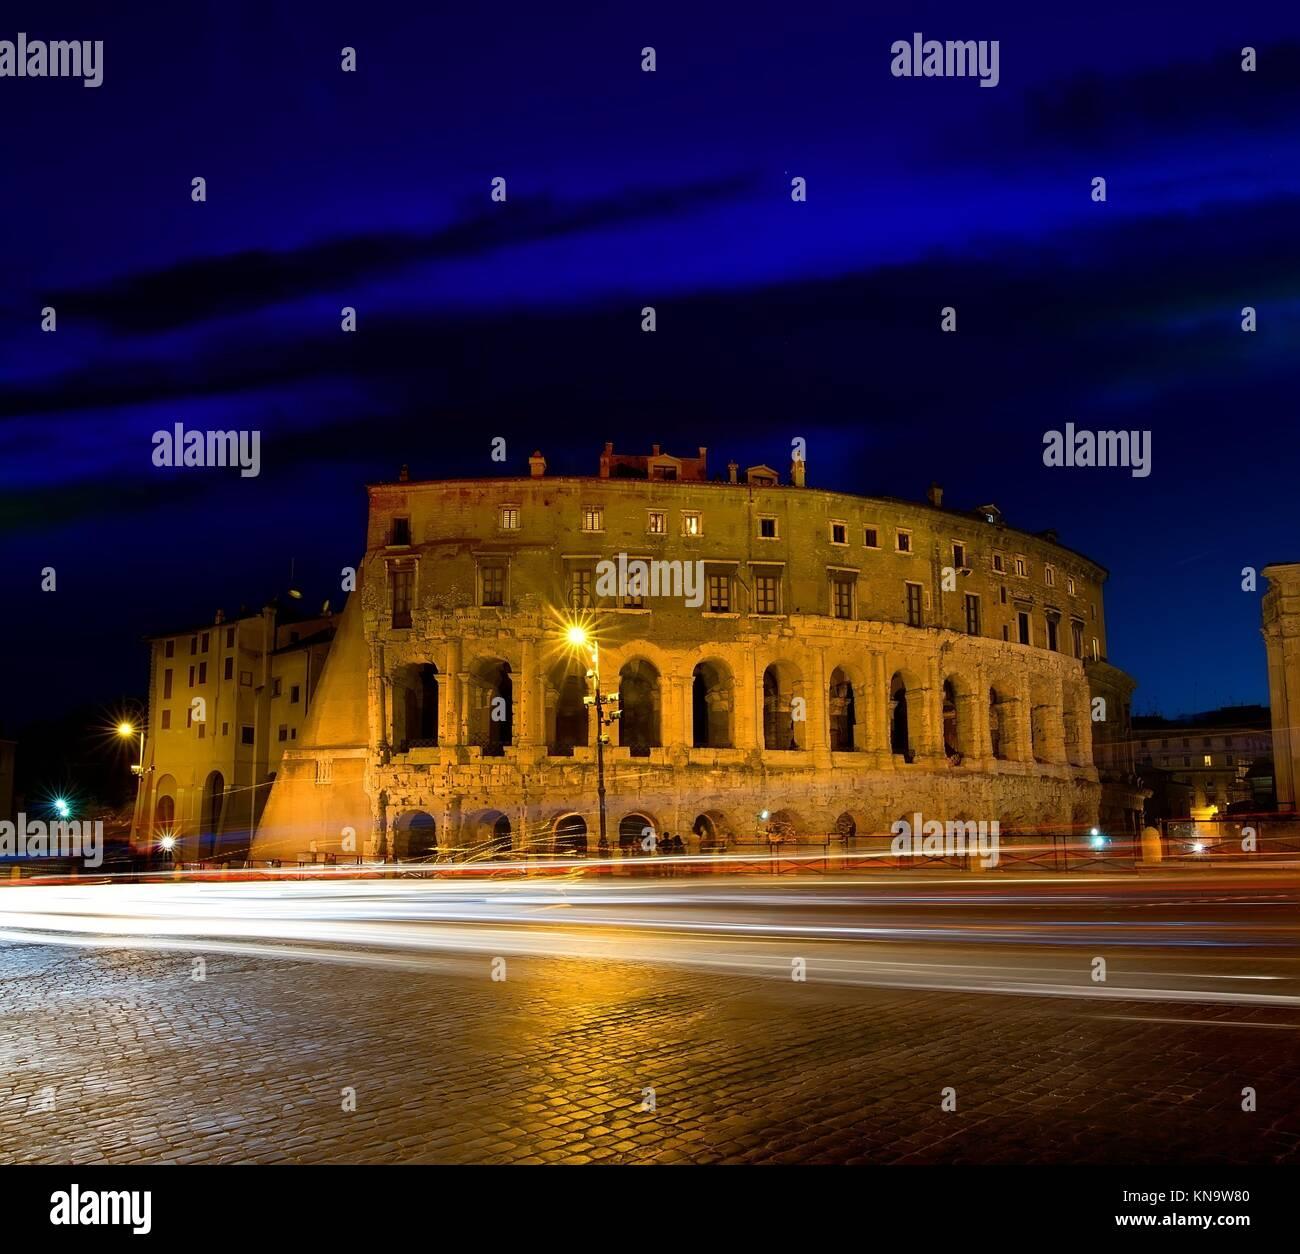 Maestoso Colosseo a Roma al crepuscolo, Italia. Immagini Stock